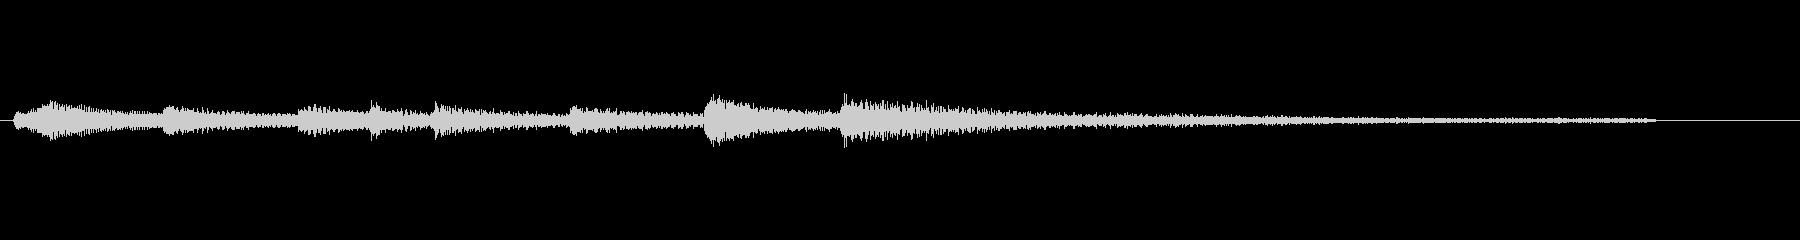 ピアノの爽やかな起動音の未再生の波形